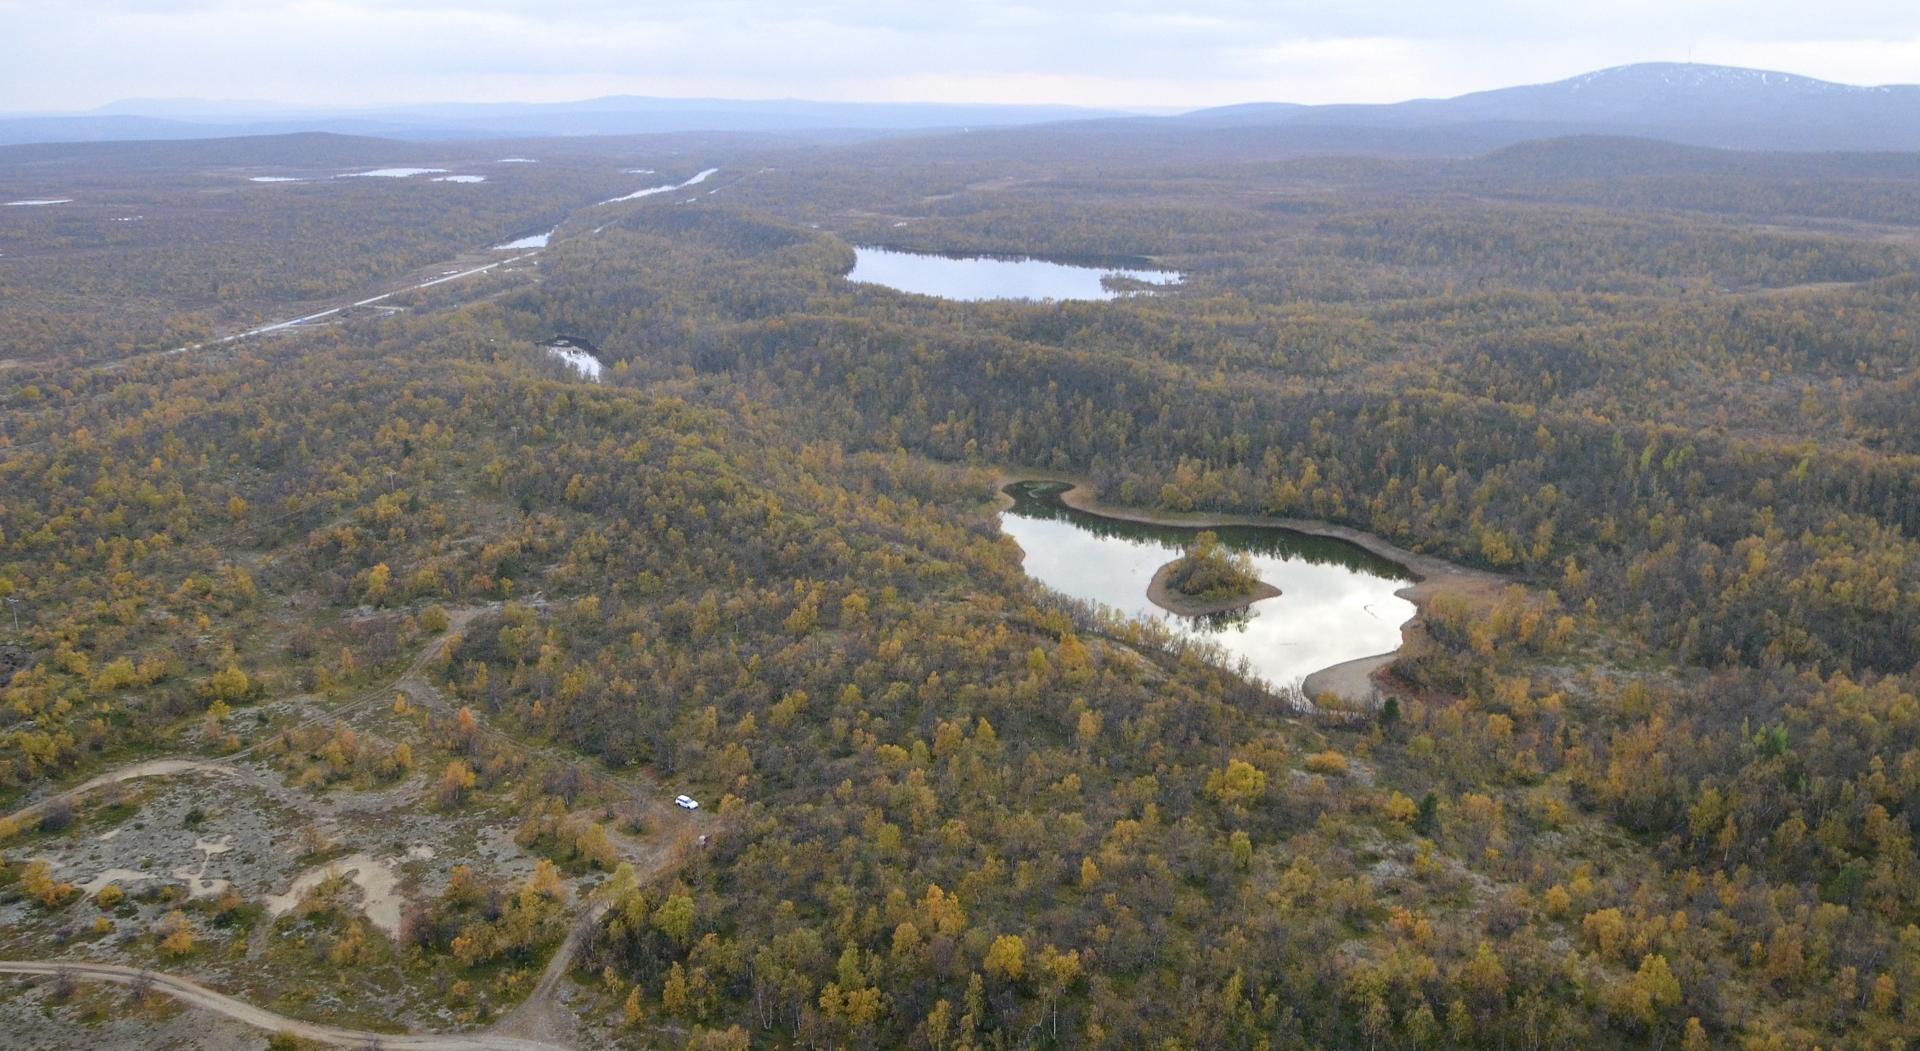 """Luomusjärveltä palatessa näkyy mm. oikealla Karigasniemen Ailikastunturi, jonne on satanut syksyn ensilumet? Lähimmistä """"järvistä"""" tuo vasemman puoleinen on Suomen suurin lähde."""